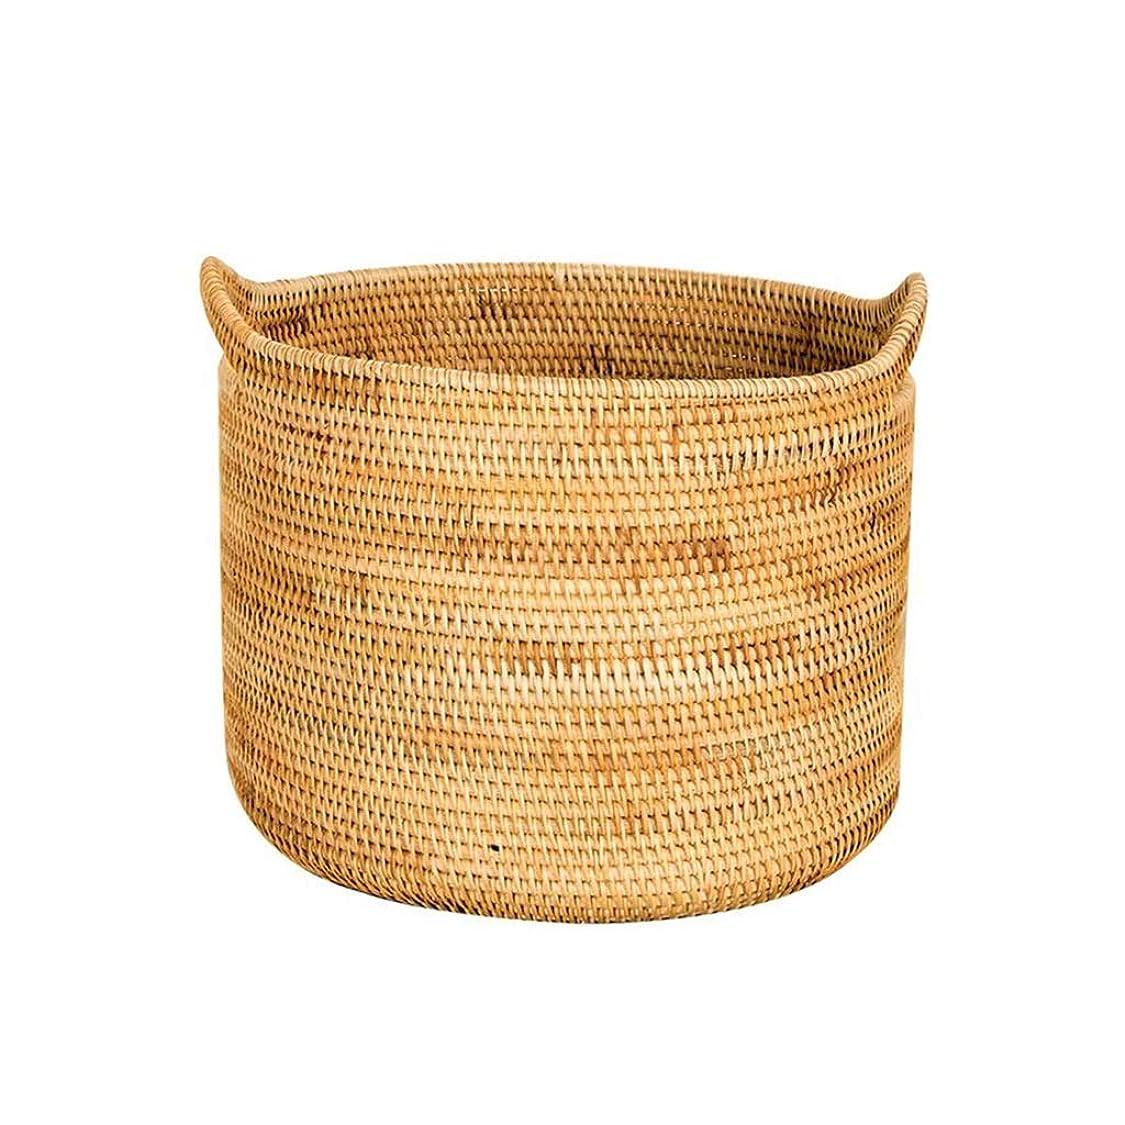 かまど代理人怒り籐織物収納バケツ/織おもちゃ、雑貨収納バスケット/マルチサイズオプション ZHYGDQ (Size : 39×34cm)